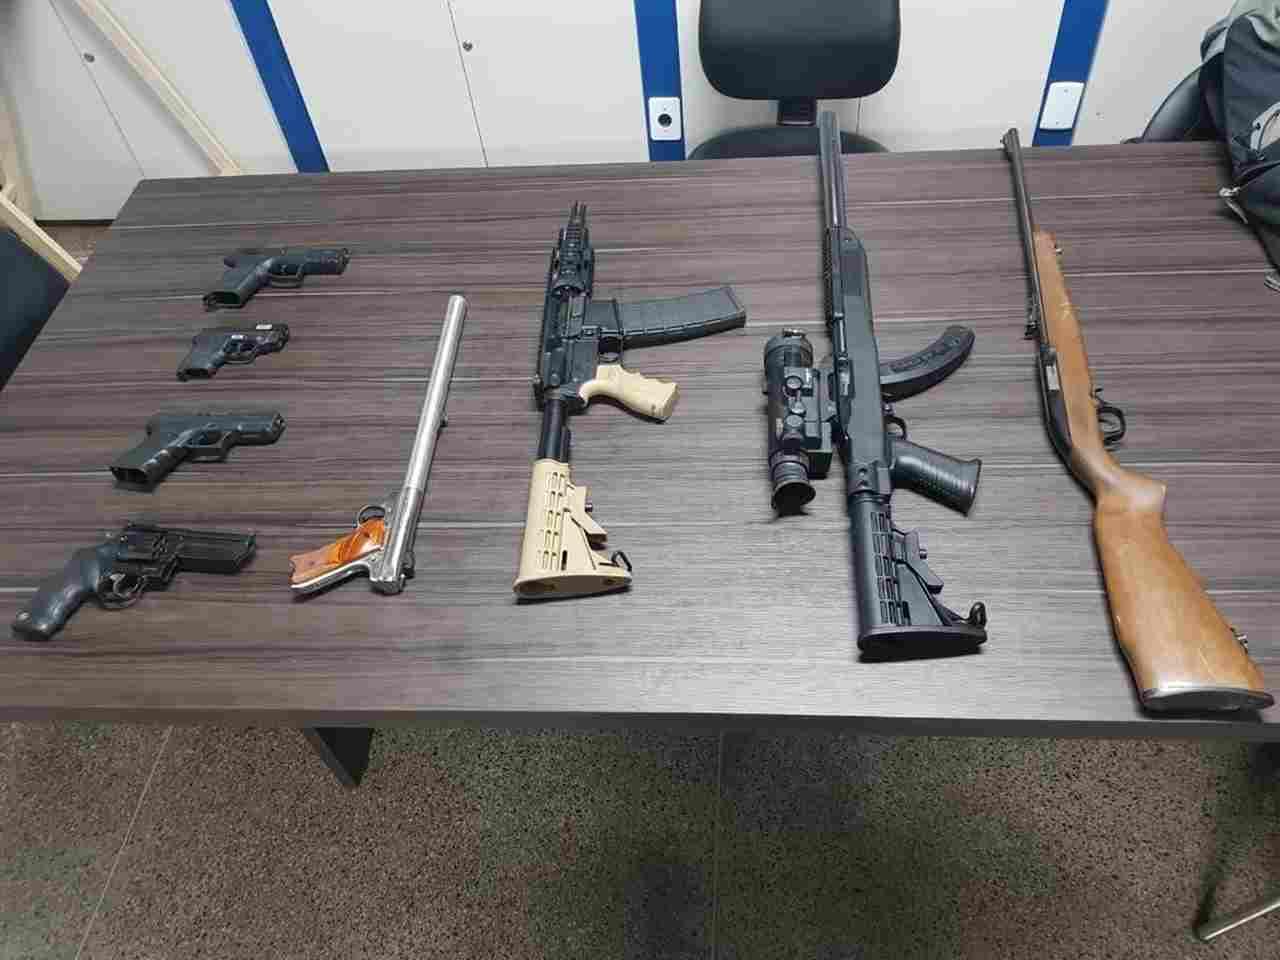 Foram apreendidos oito armas de fogo, entre elas um fuzil americano marca Spikes Tactical calibre 556, com suspeitos de integrarem facção Comando Vermelho | Foto: Divulgação/PC